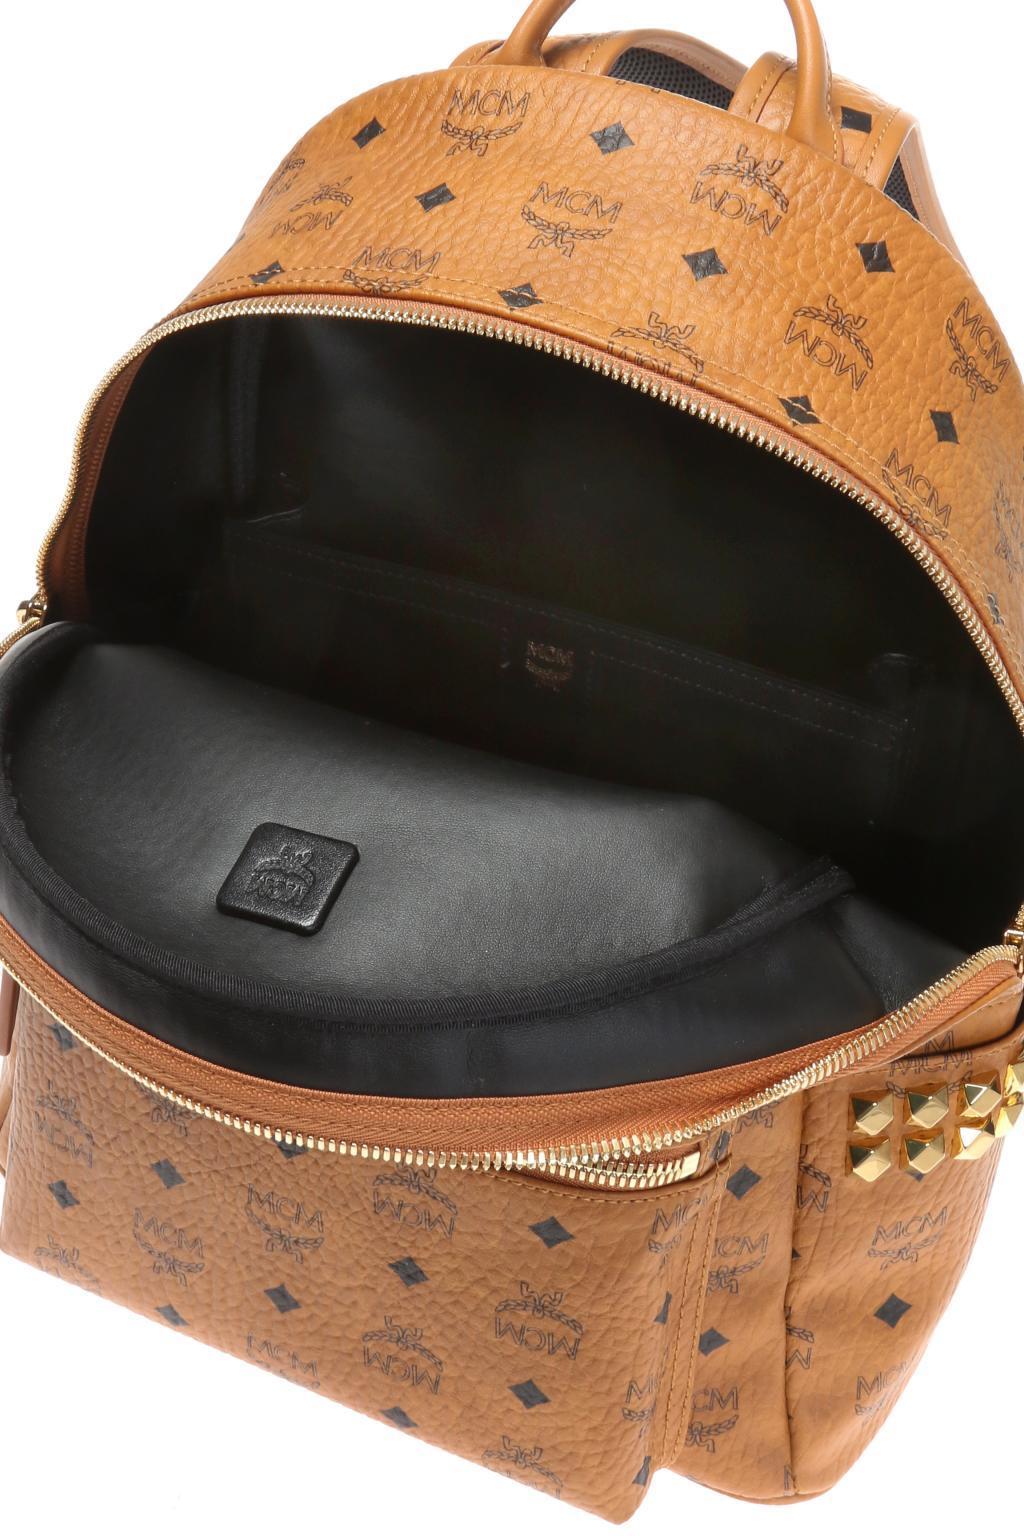 MCM 'stark' Backpack in Brown